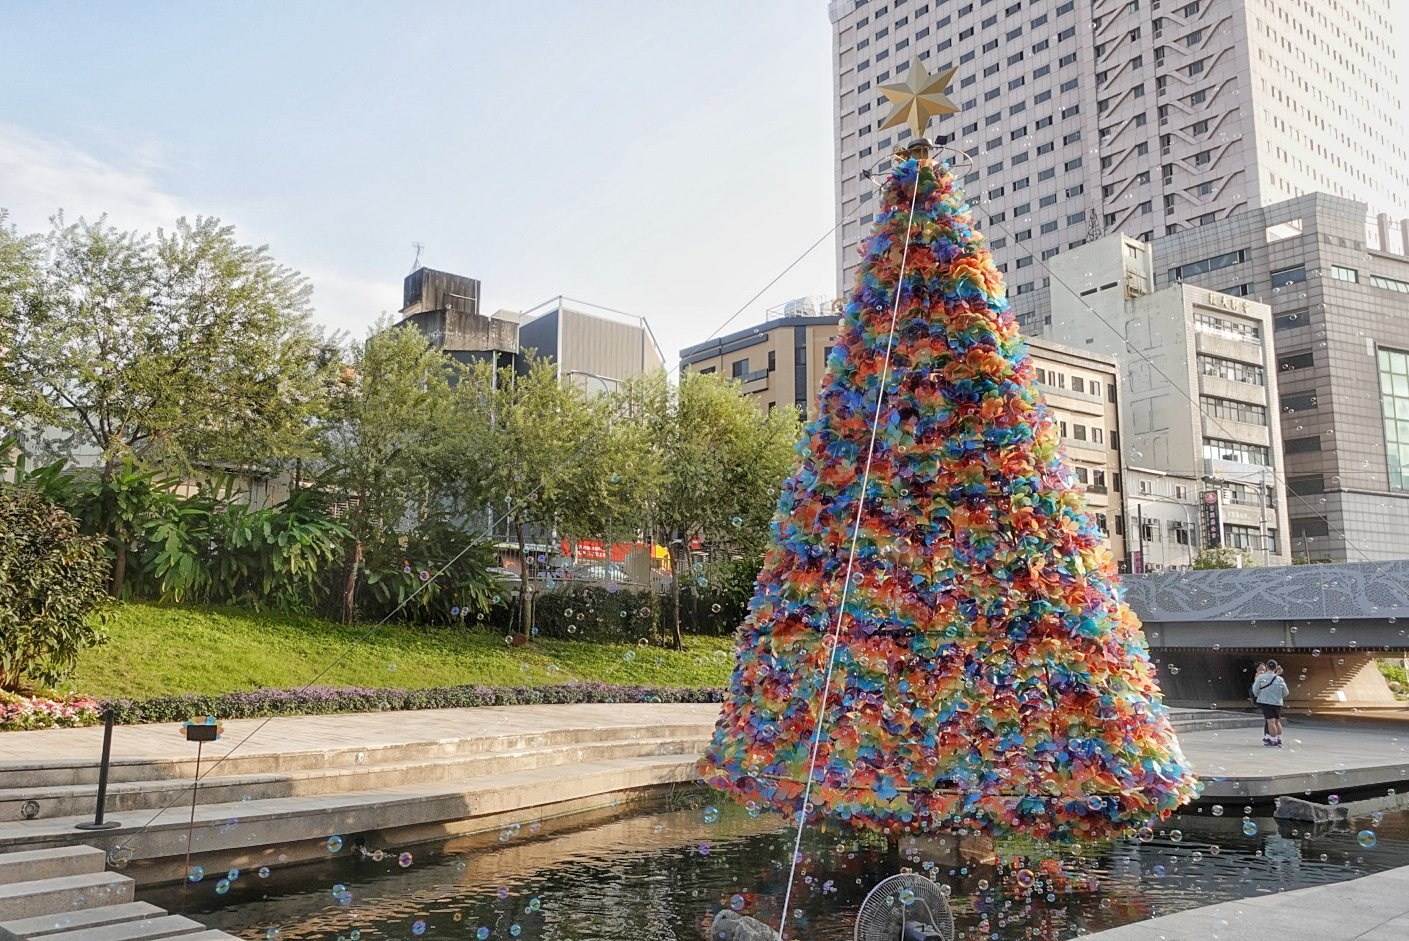 20181207165110 15 - 超浪漫柳川水中聖誕樹點燈啦!繽紛七彩聖誕樹白天也好美